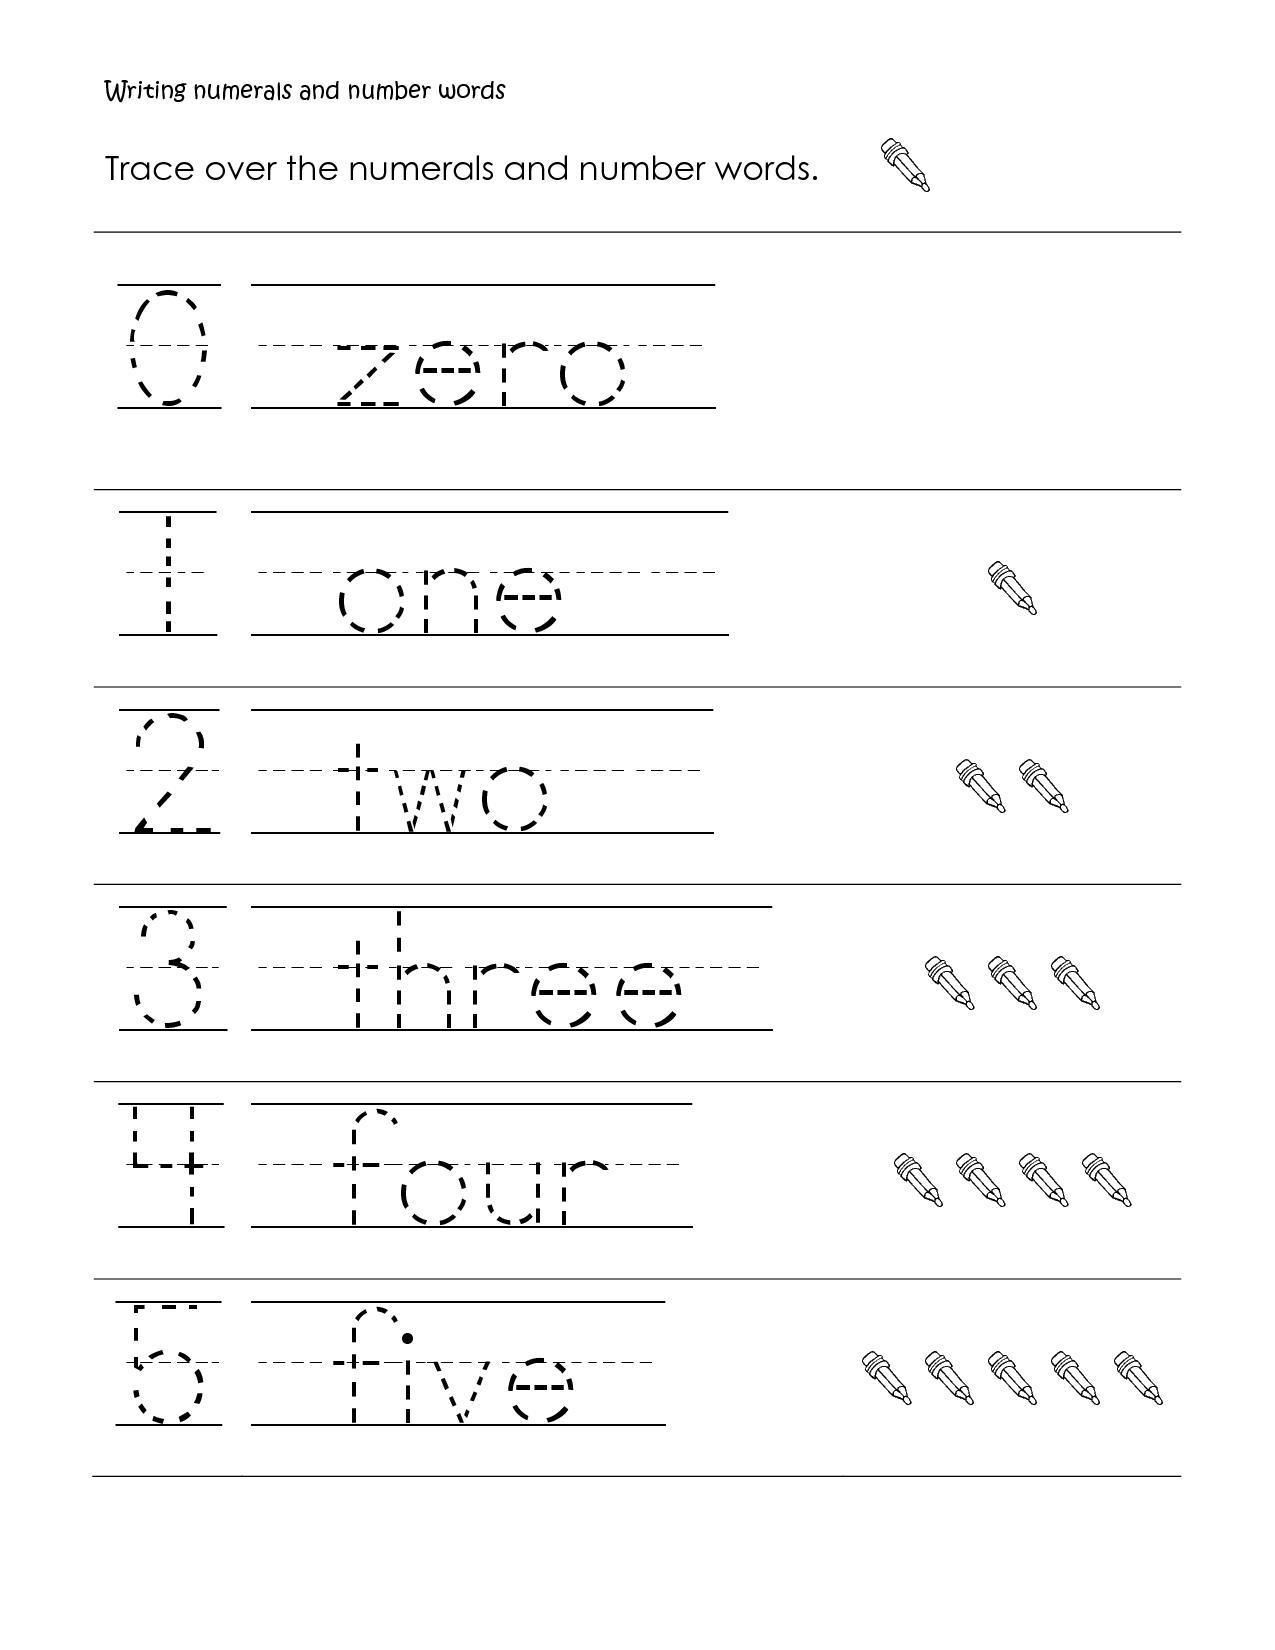 Word Tracing Worksheets For Kindergarten 1 In